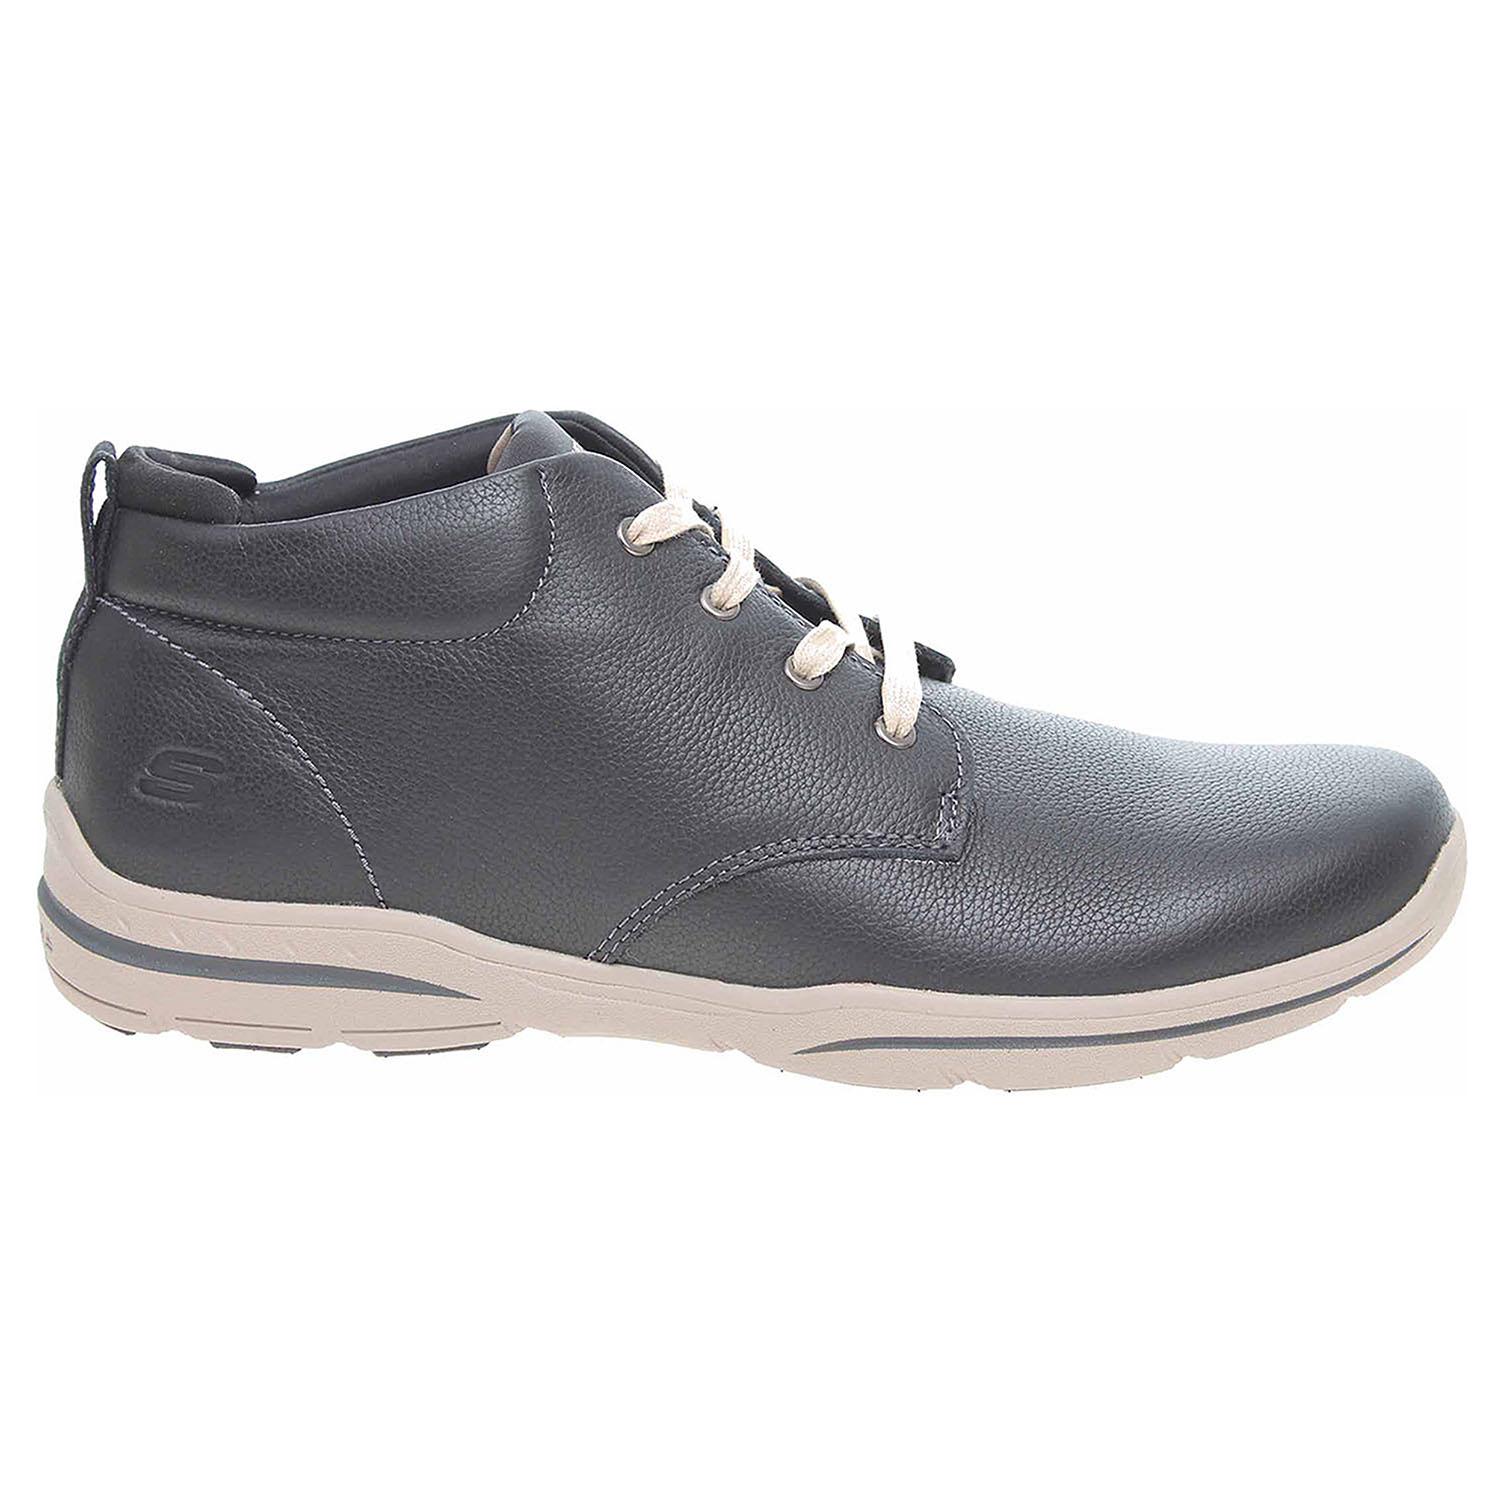 Ecco Skechers Harper - Melden black 24300526 f45be2c133